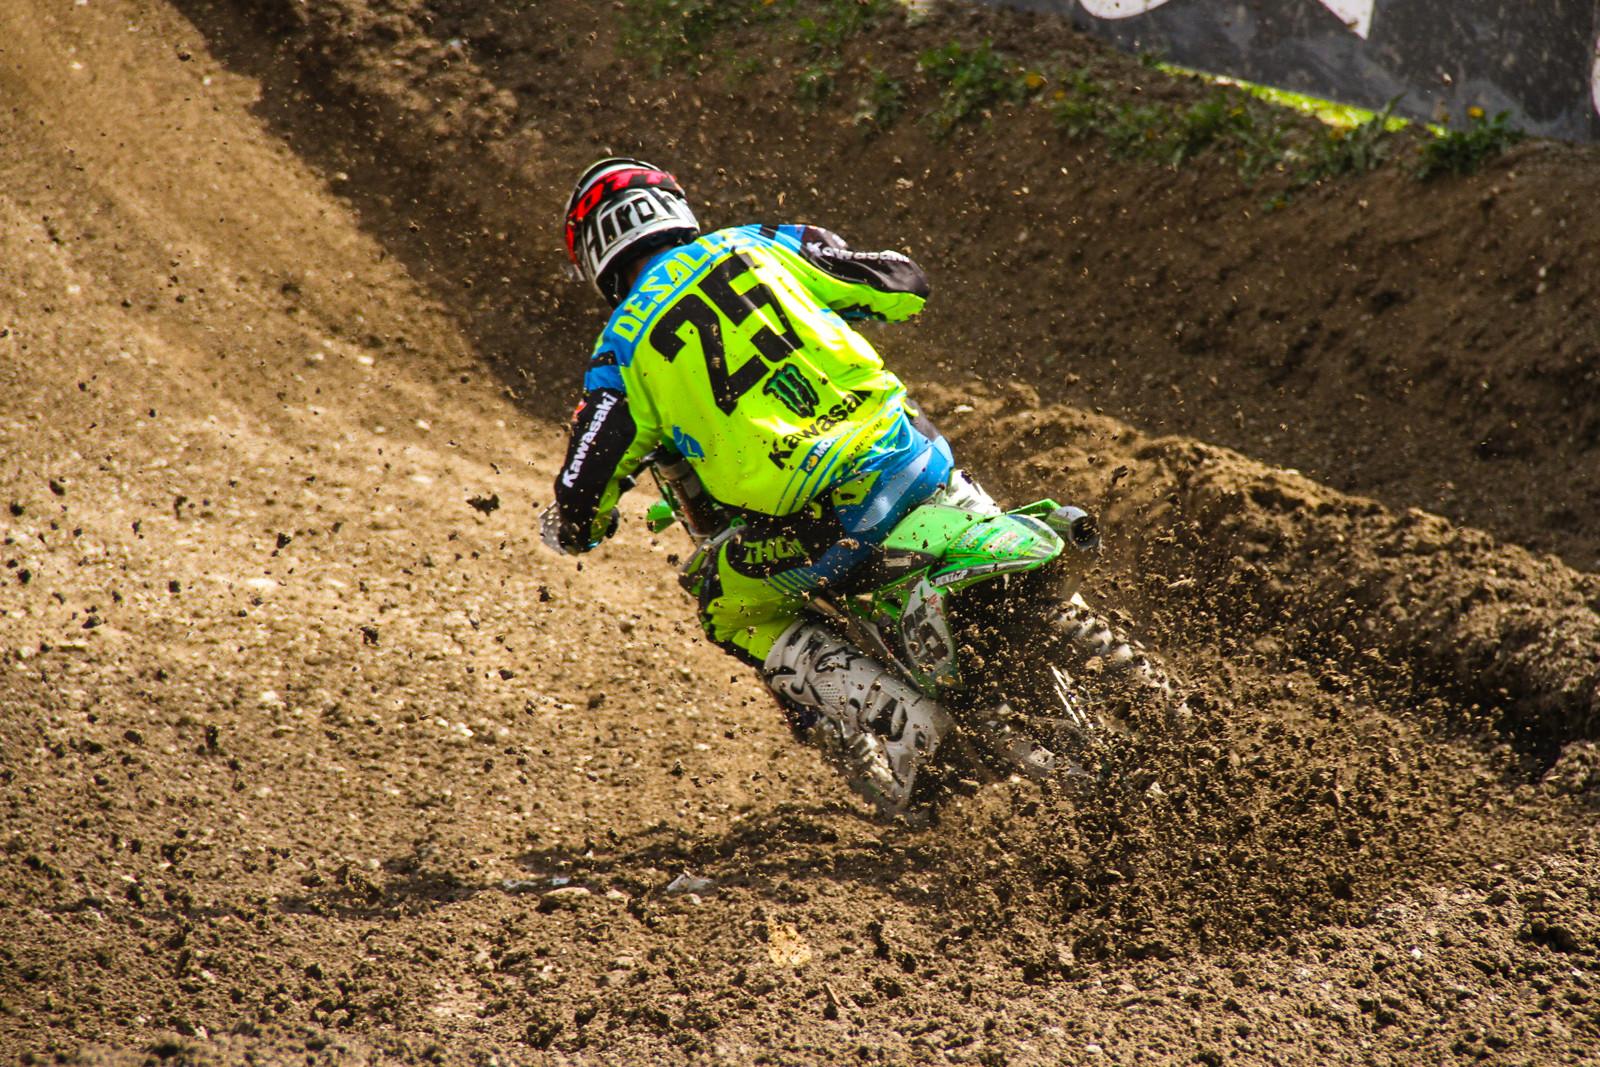 Clement Desalle - Photo Blast: 2017 MXGP of Trentino - Motocross Pictures - Vital MX